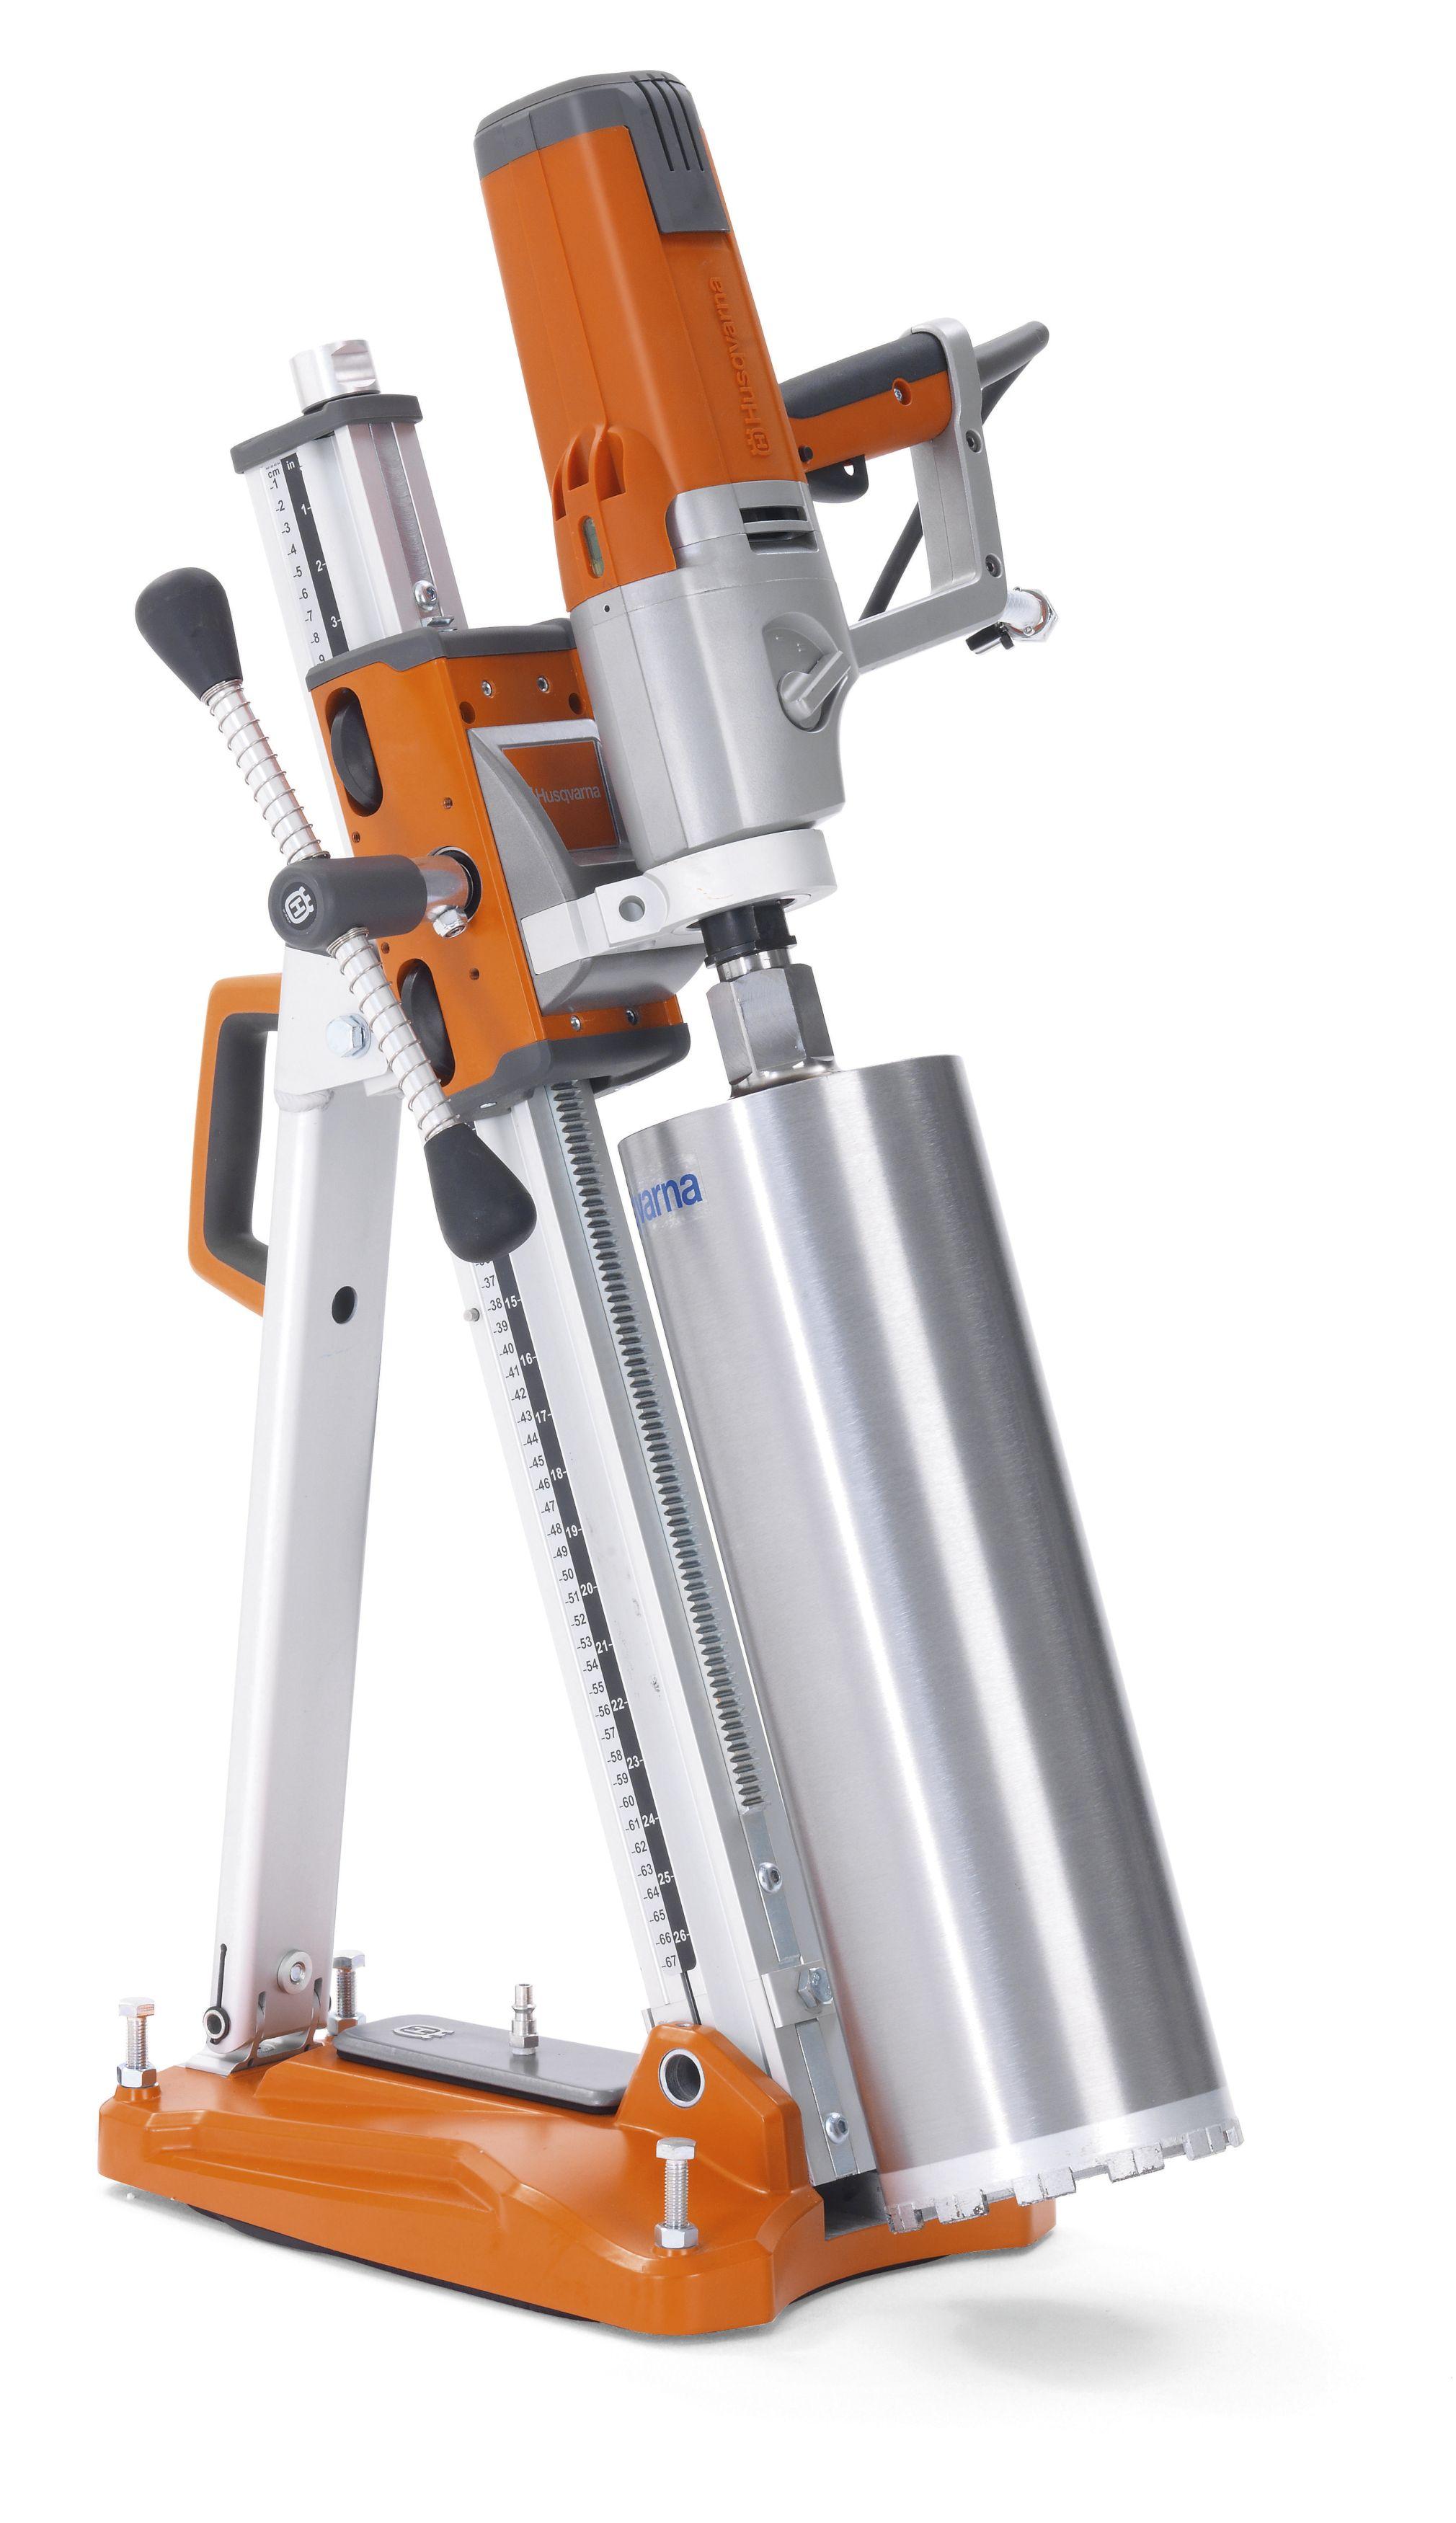 Photo of Husqvarna DM230 Handheld Core Drill